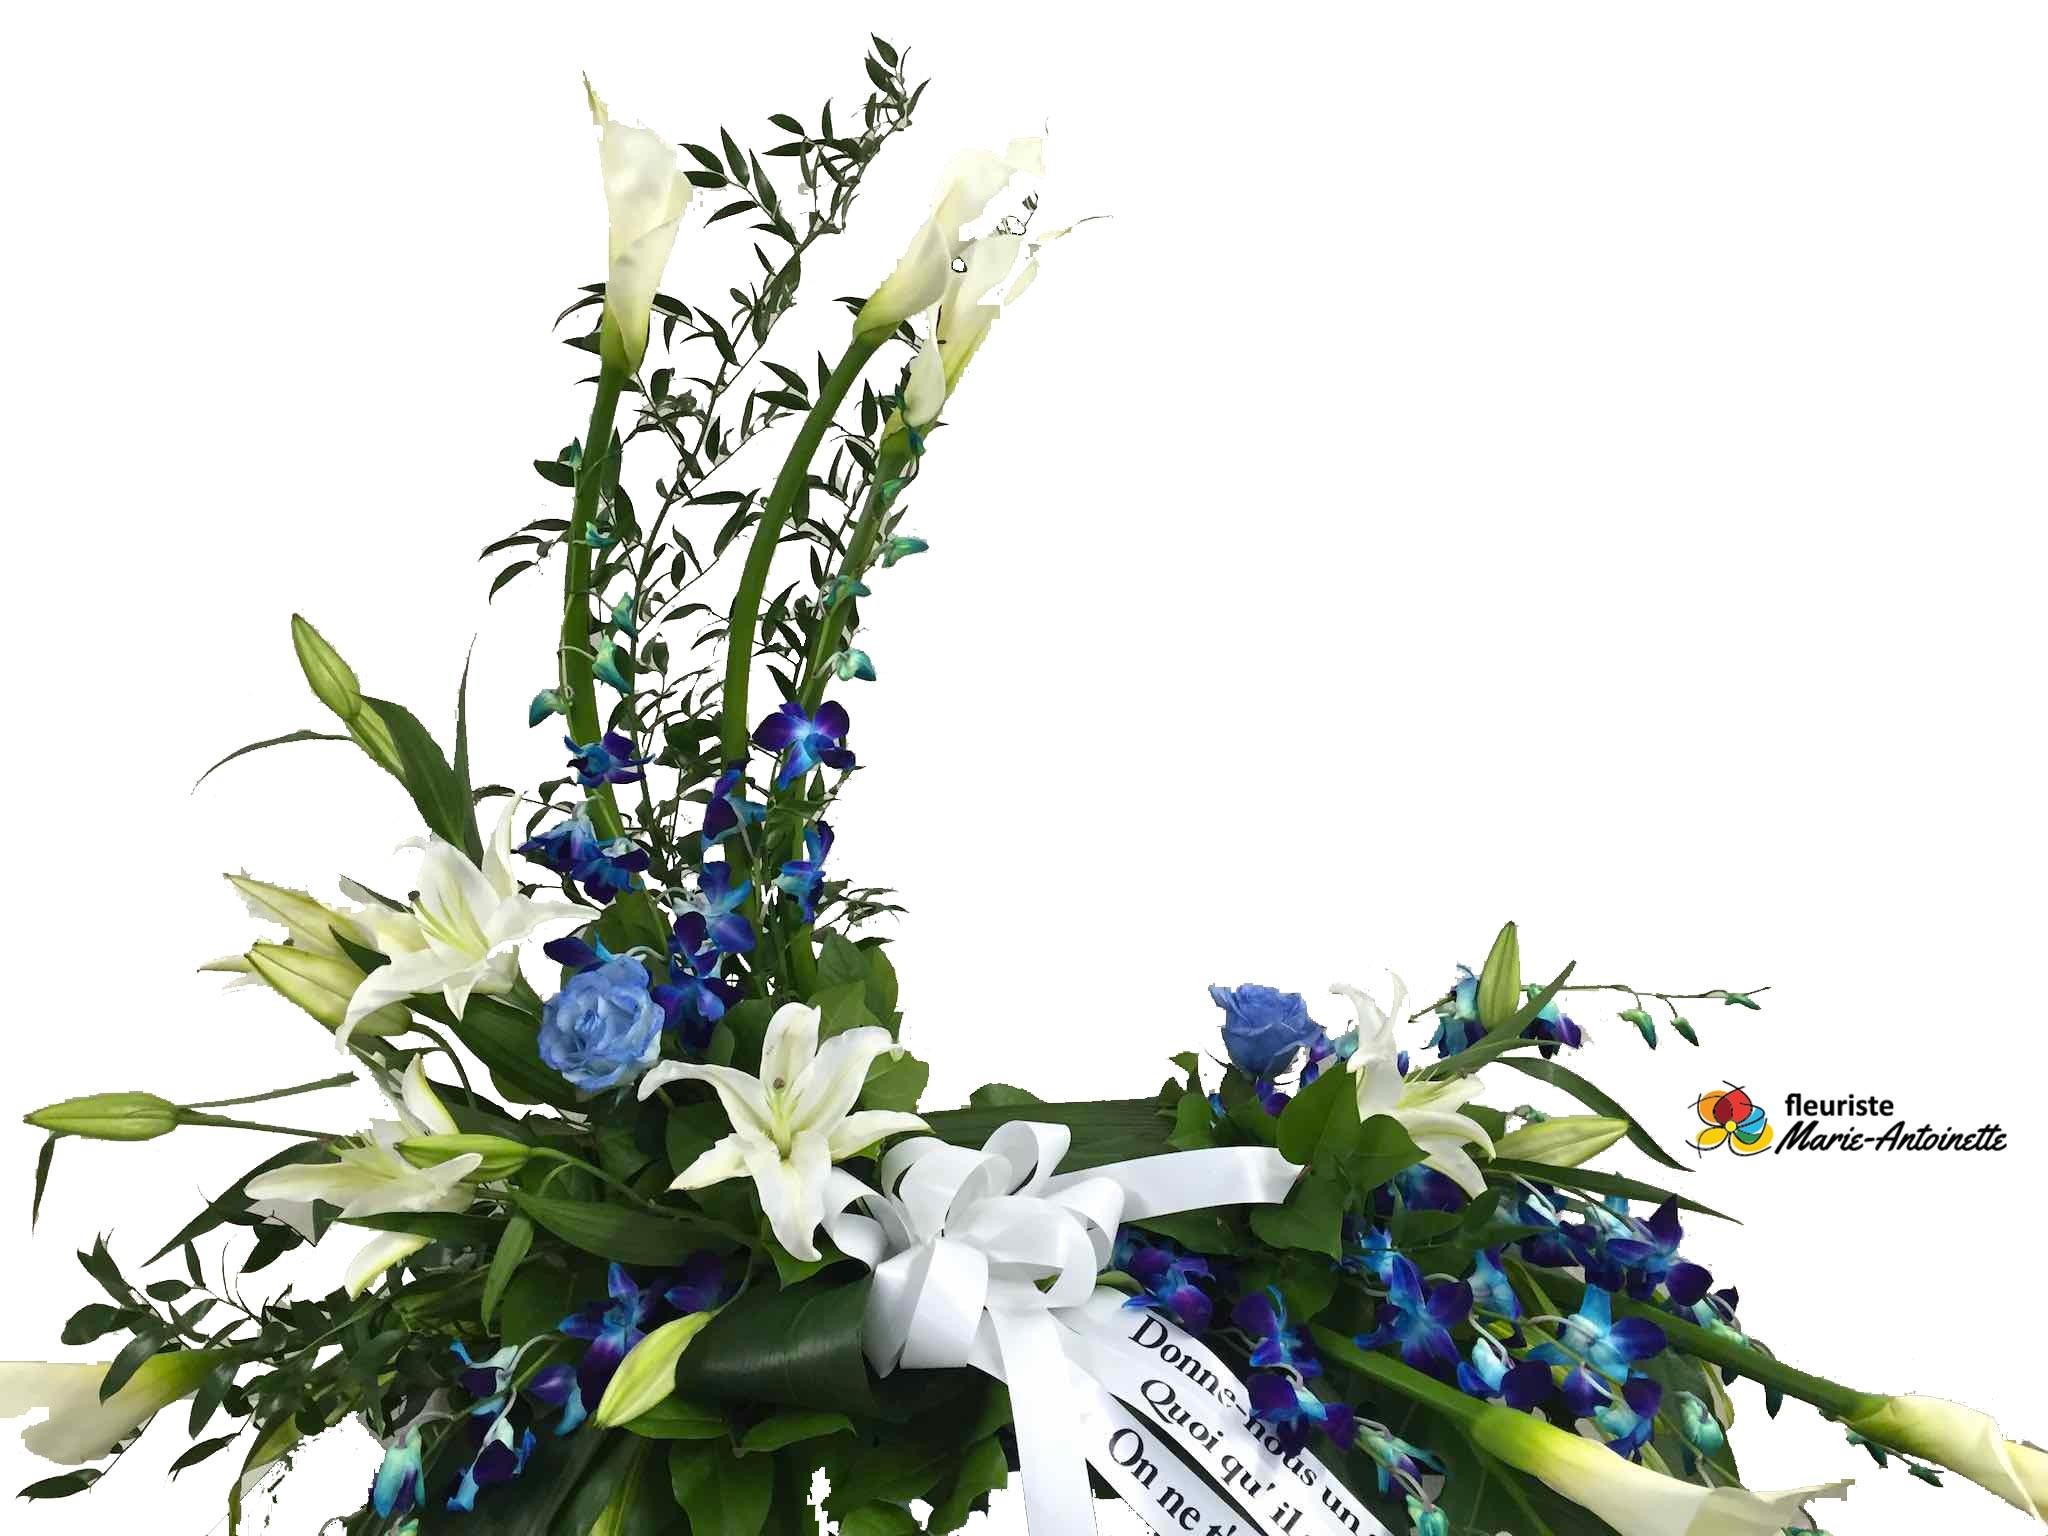 coussin d 39 urne blanc bleu fleuriste marie antoinette. Black Bedroom Furniture Sets. Home Design Ideas